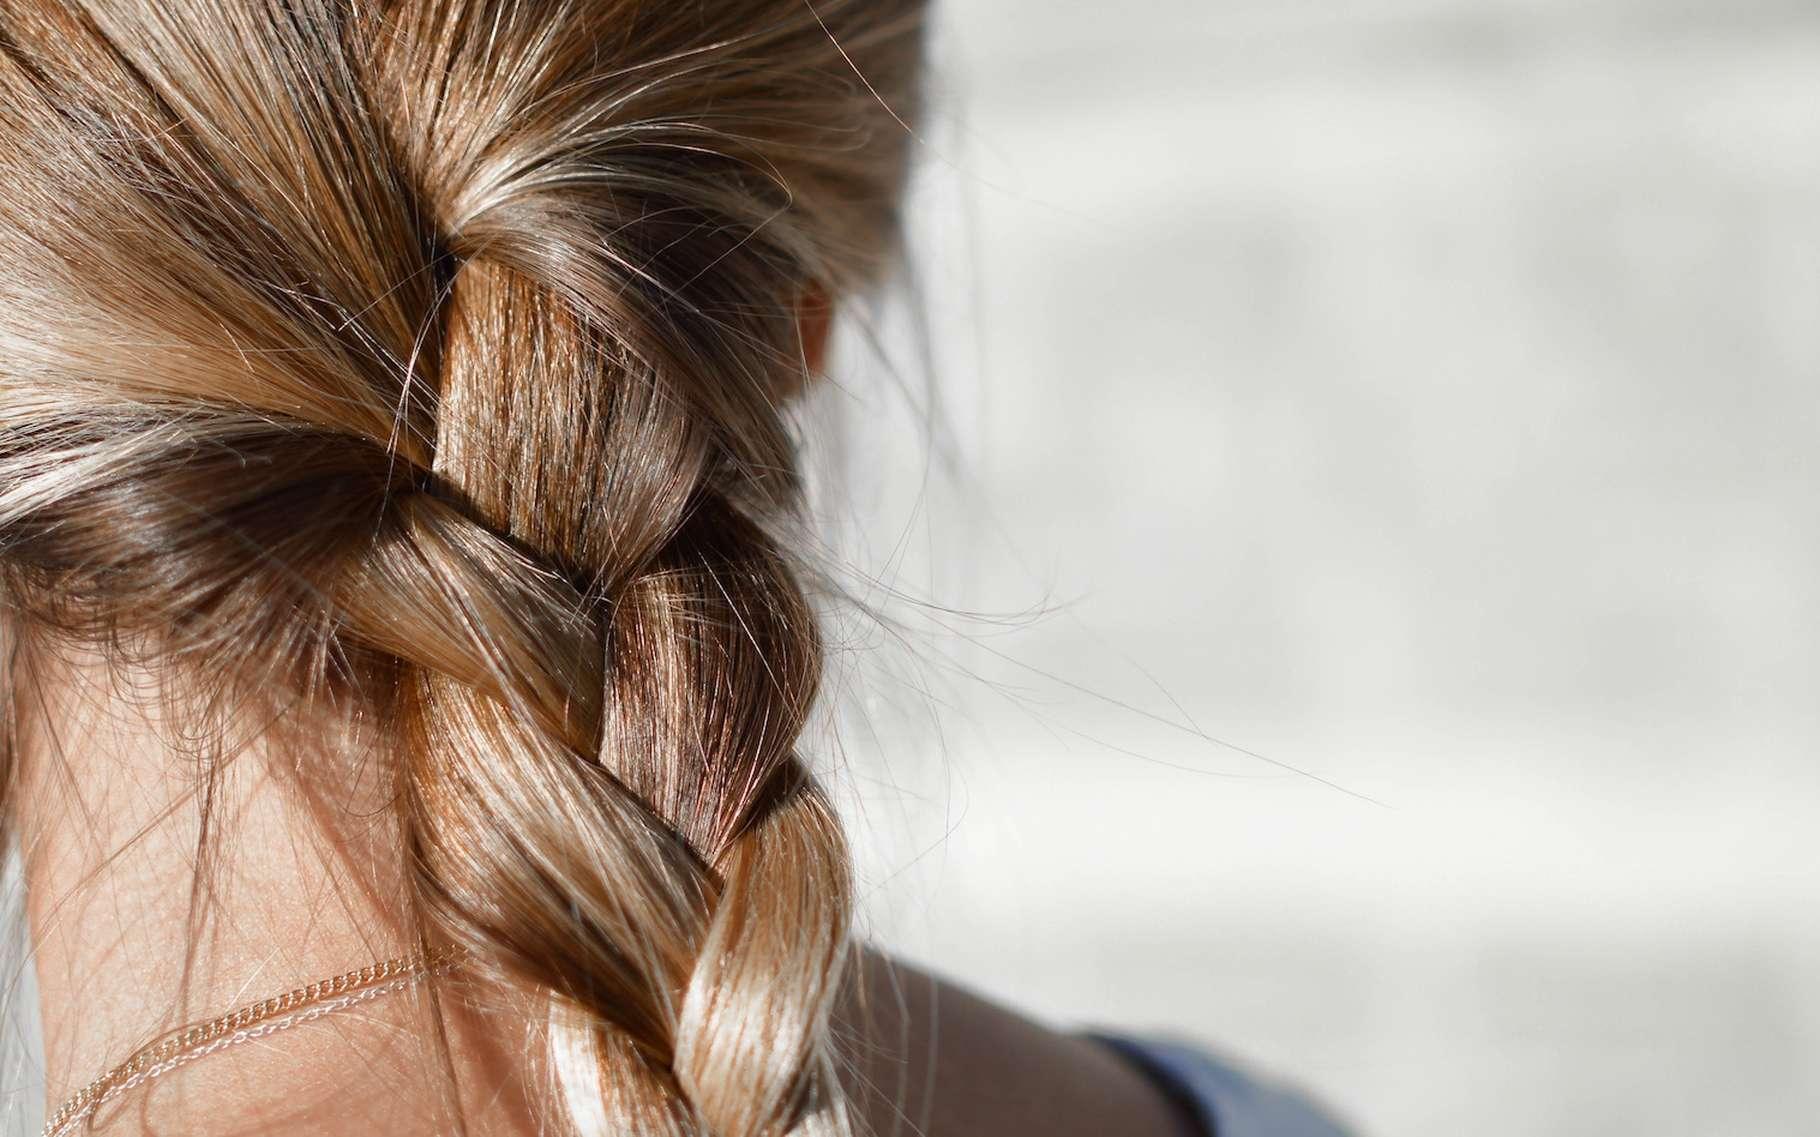 Les cheveux humains doivent leur incroyable résistance à leur structure déformable. © Tamara Bellis, Unsplash, CC0